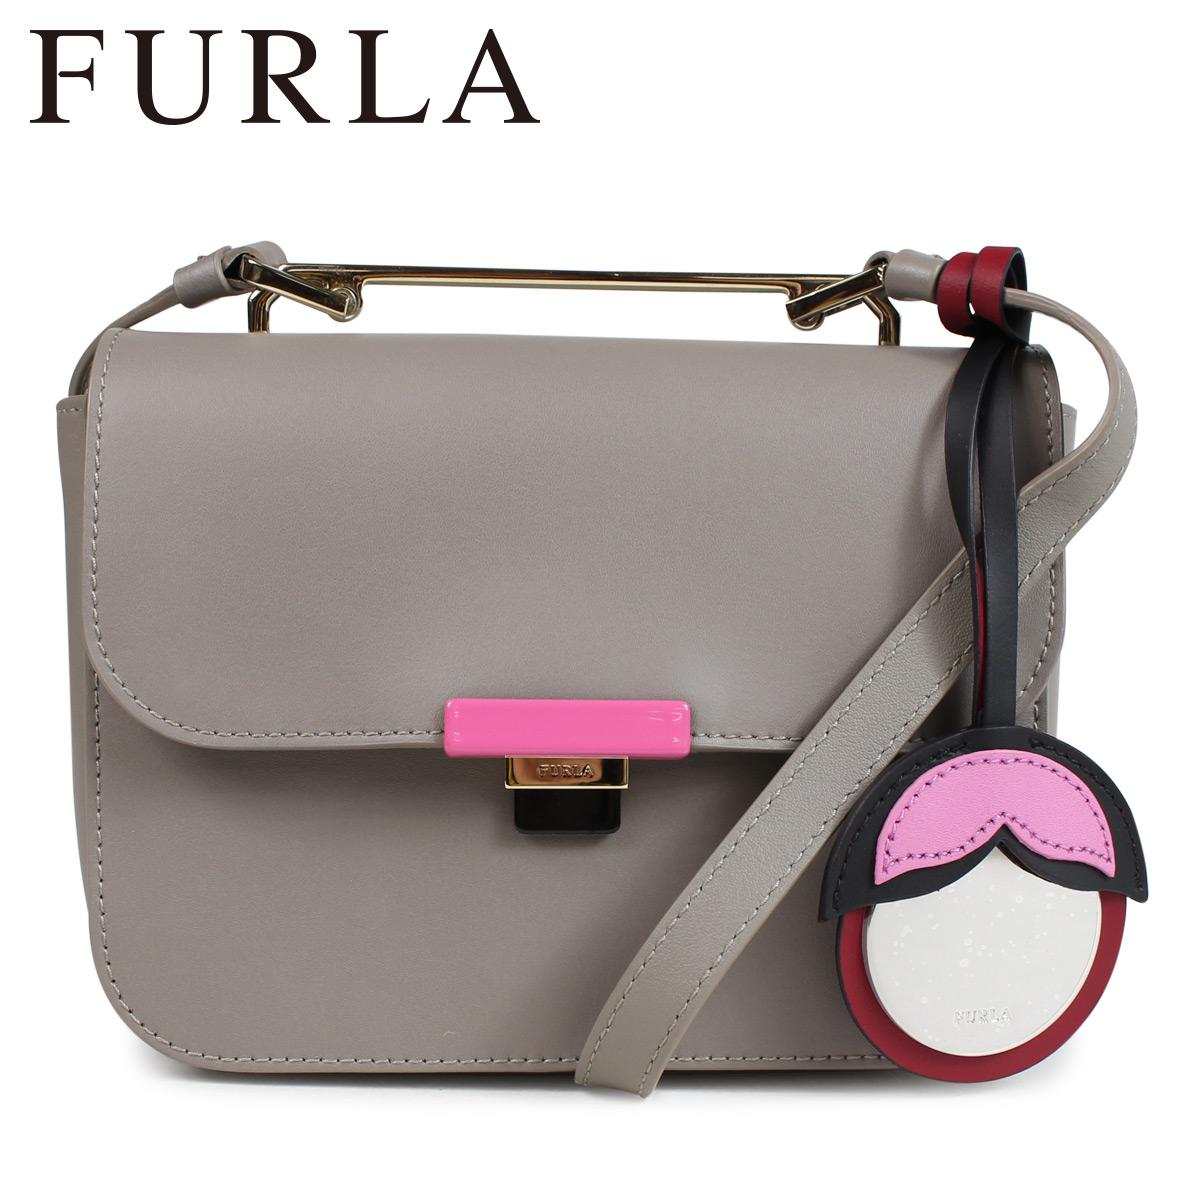 FURLA ELISIR MINI CROSS BODY BAG フルラ バッグ ショルダーバッグ レディース ライトグレー 920941